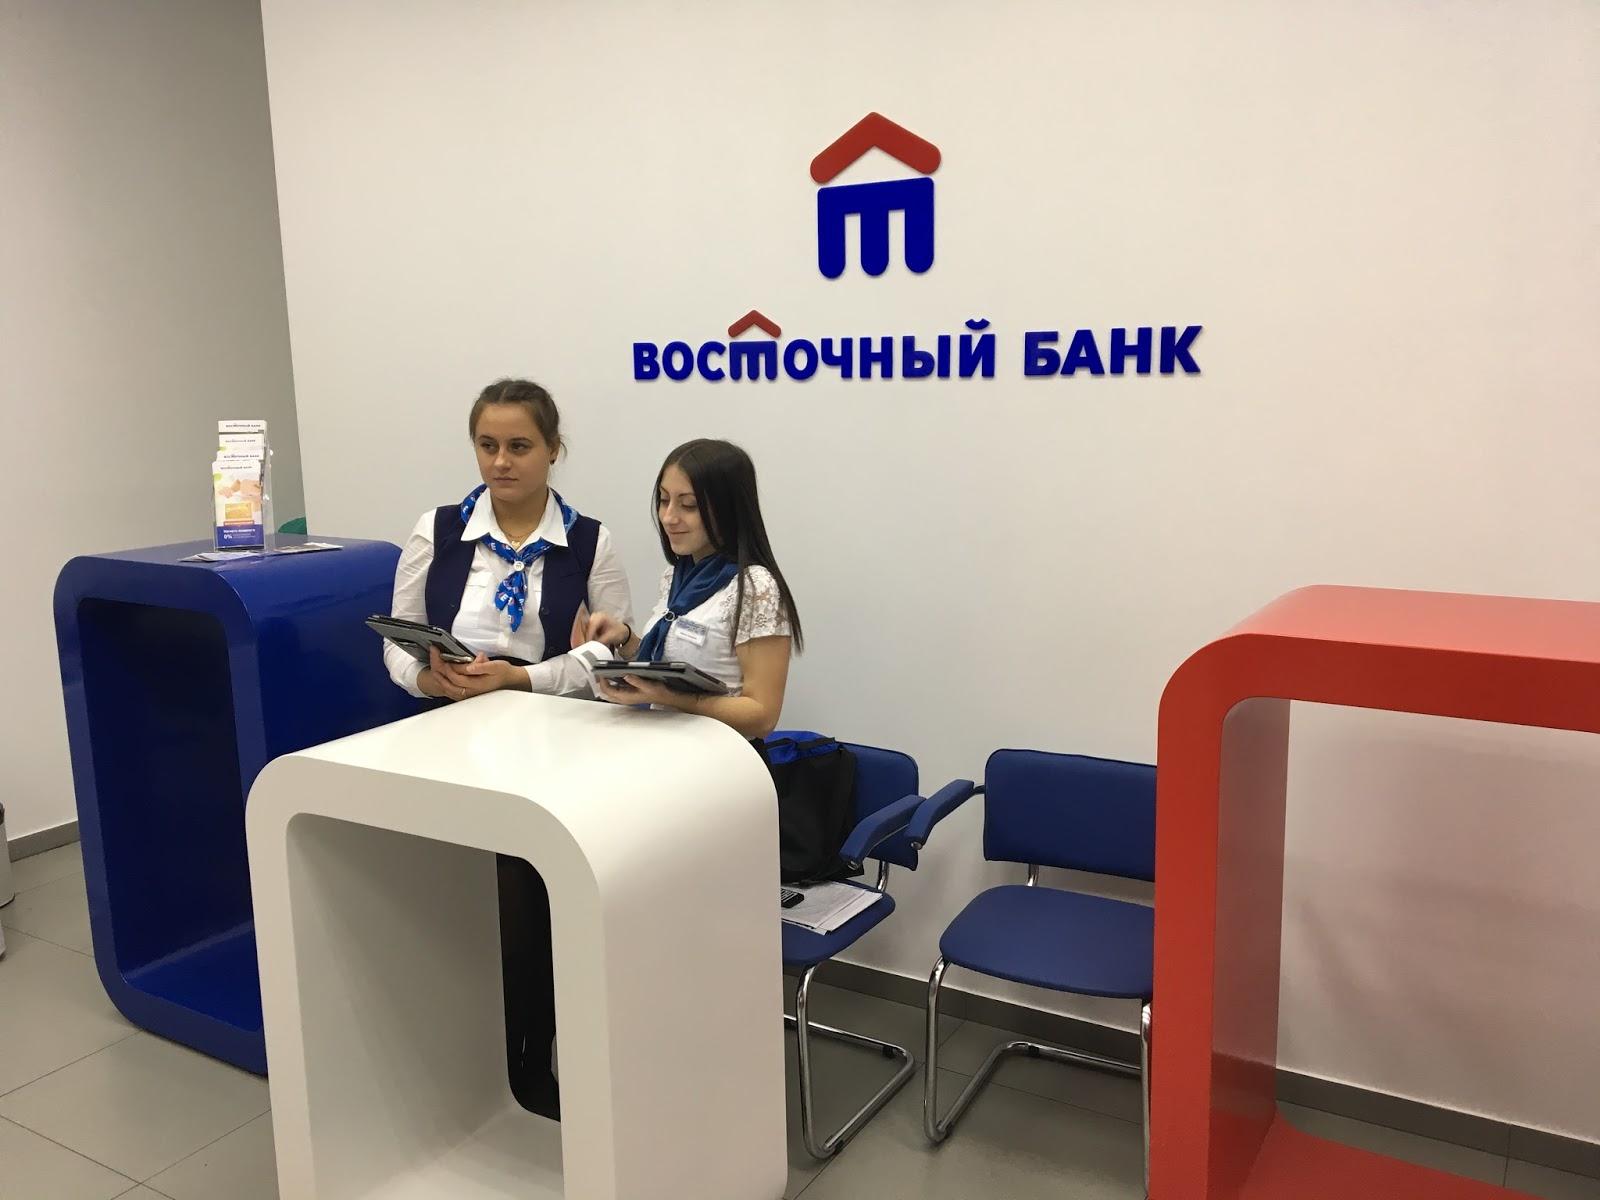 bank-vostochnyj-otzyvy-klientov-o-kredite_3